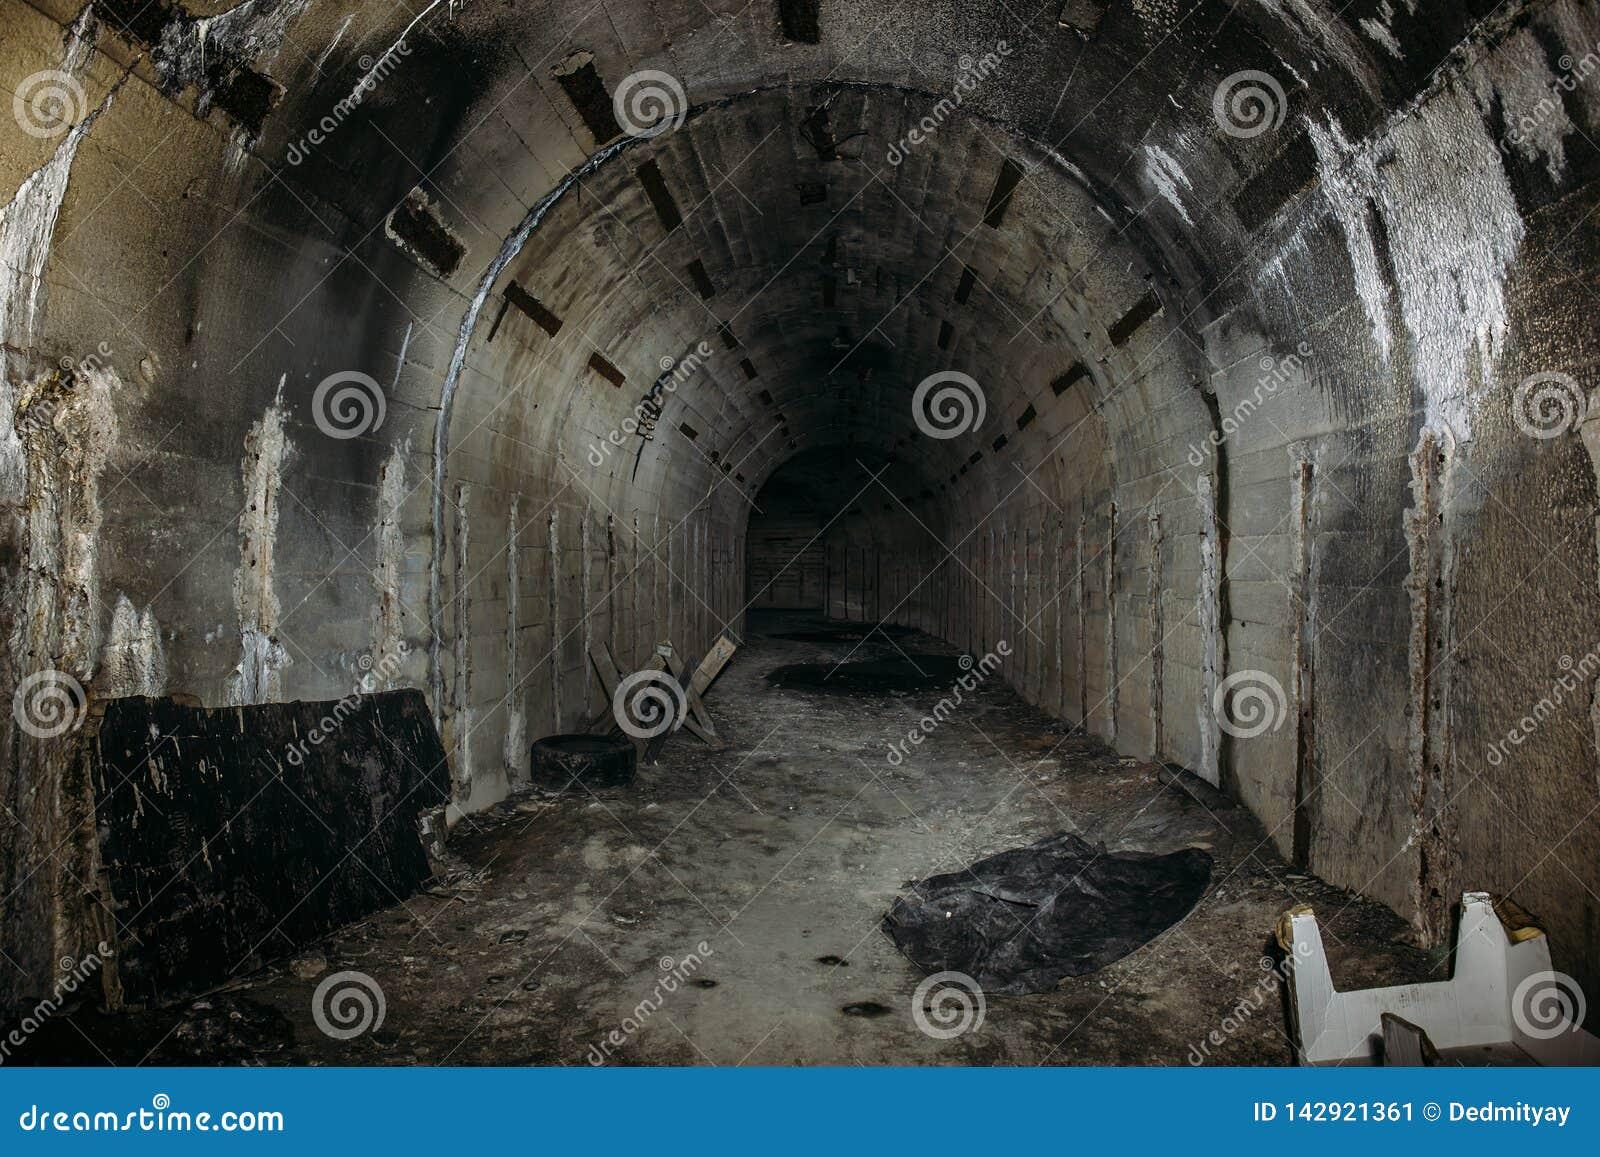 Длинные подземные тоннель или коридор в получившихся отказ советских военных бункере или подвале со страшной атмосферой